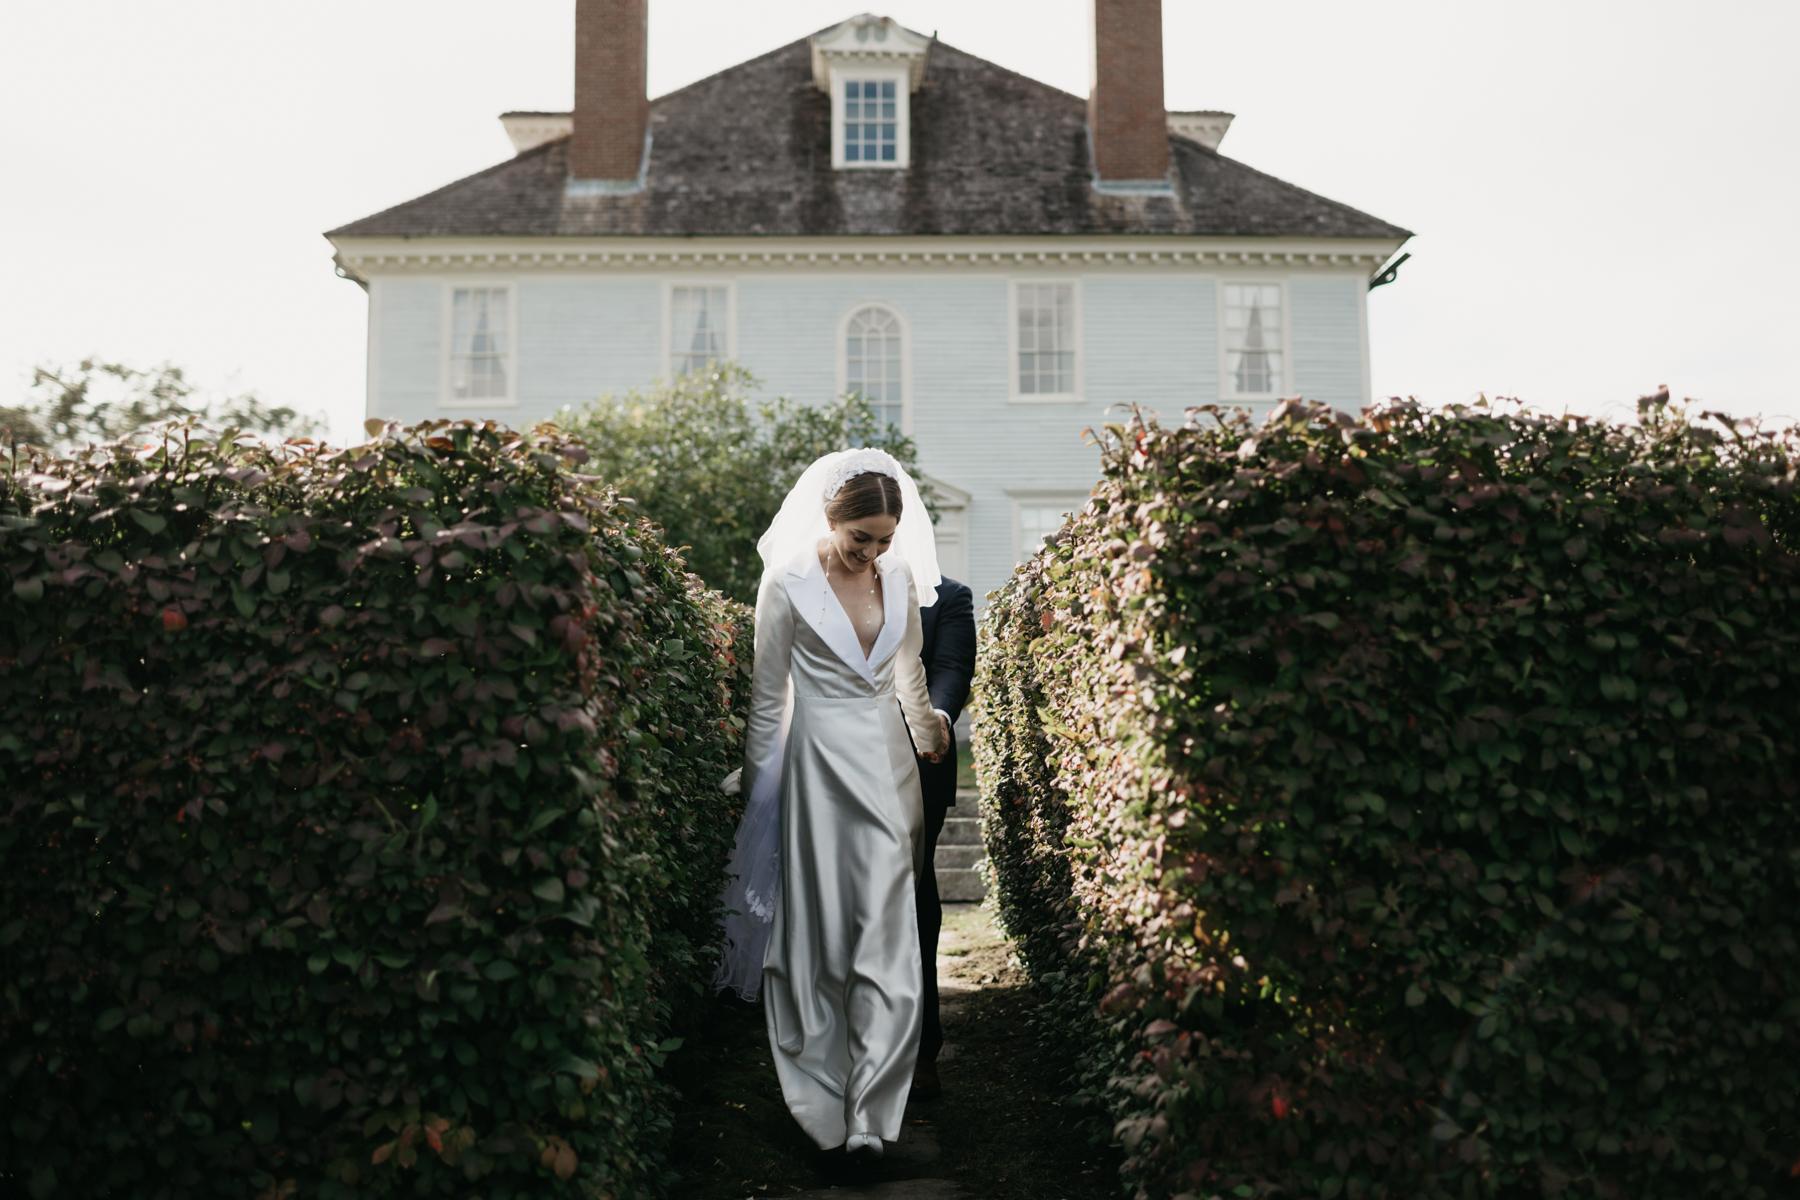 Hamilton_House_wedding_maine_Leah_Fisher_Photography-7.jpg